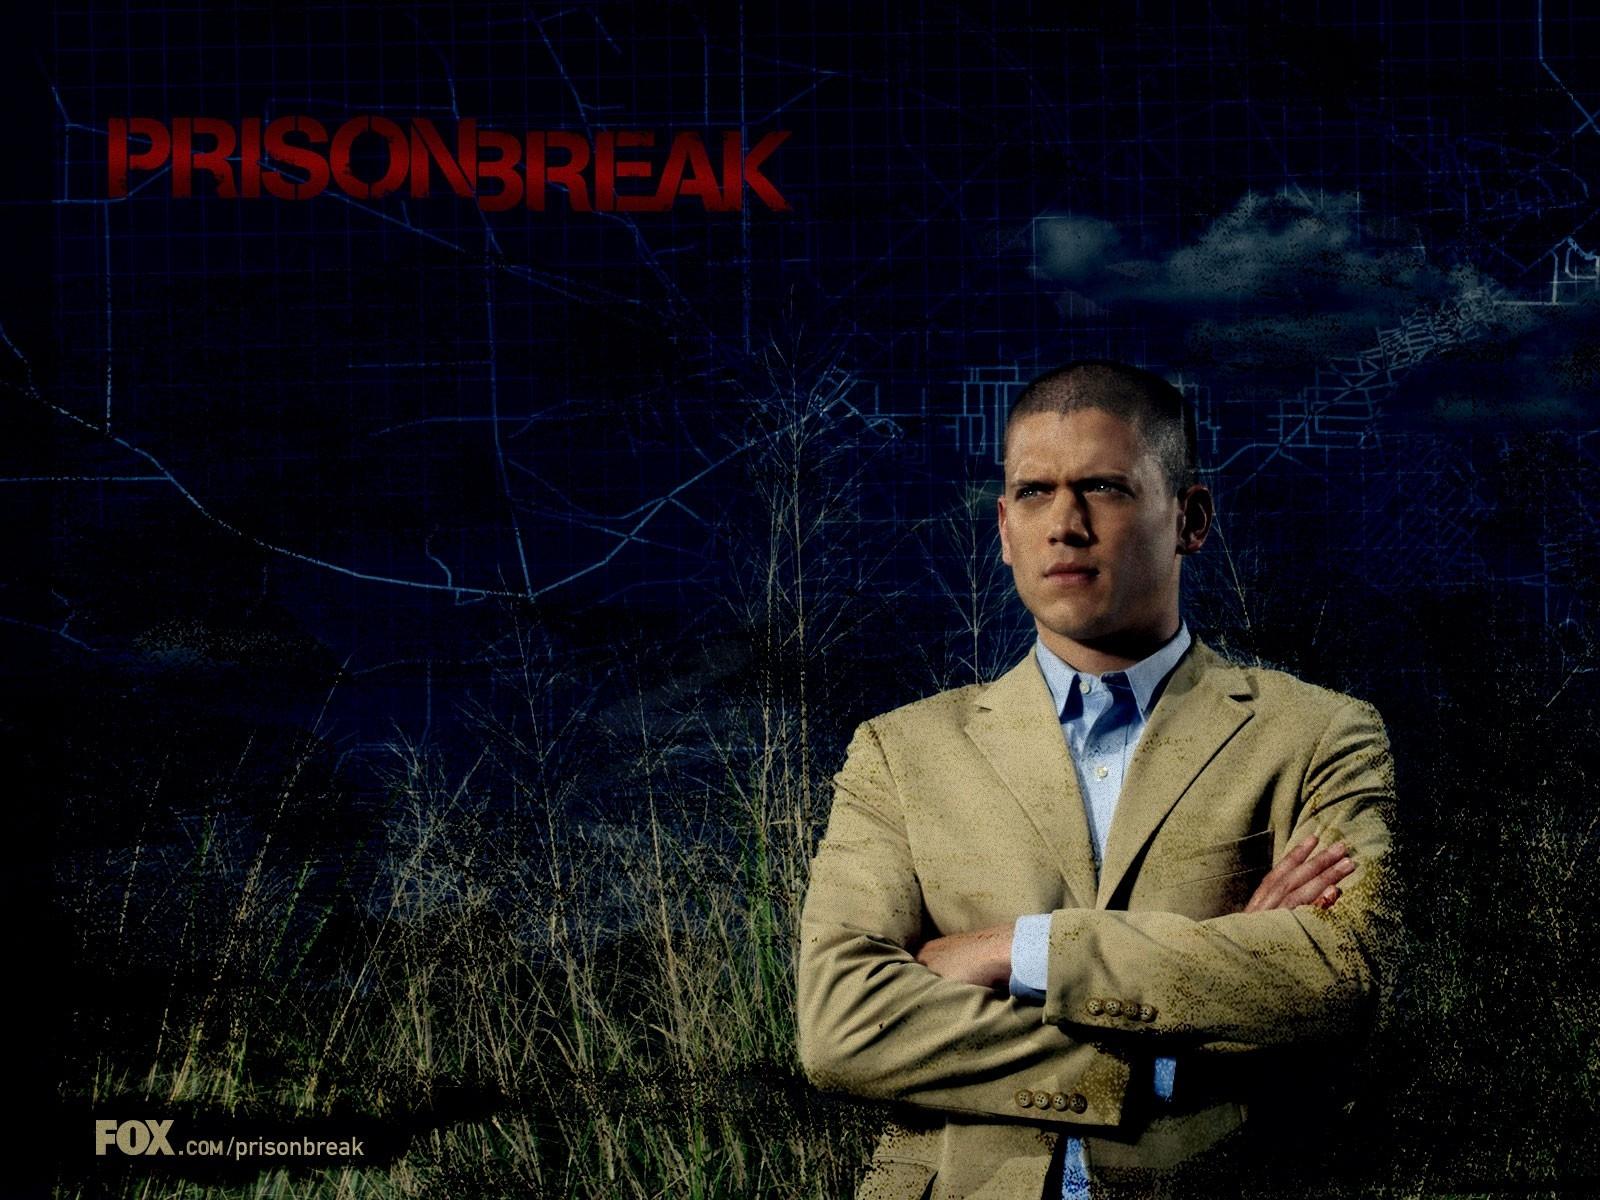 Wallpaper della serie Prison Break